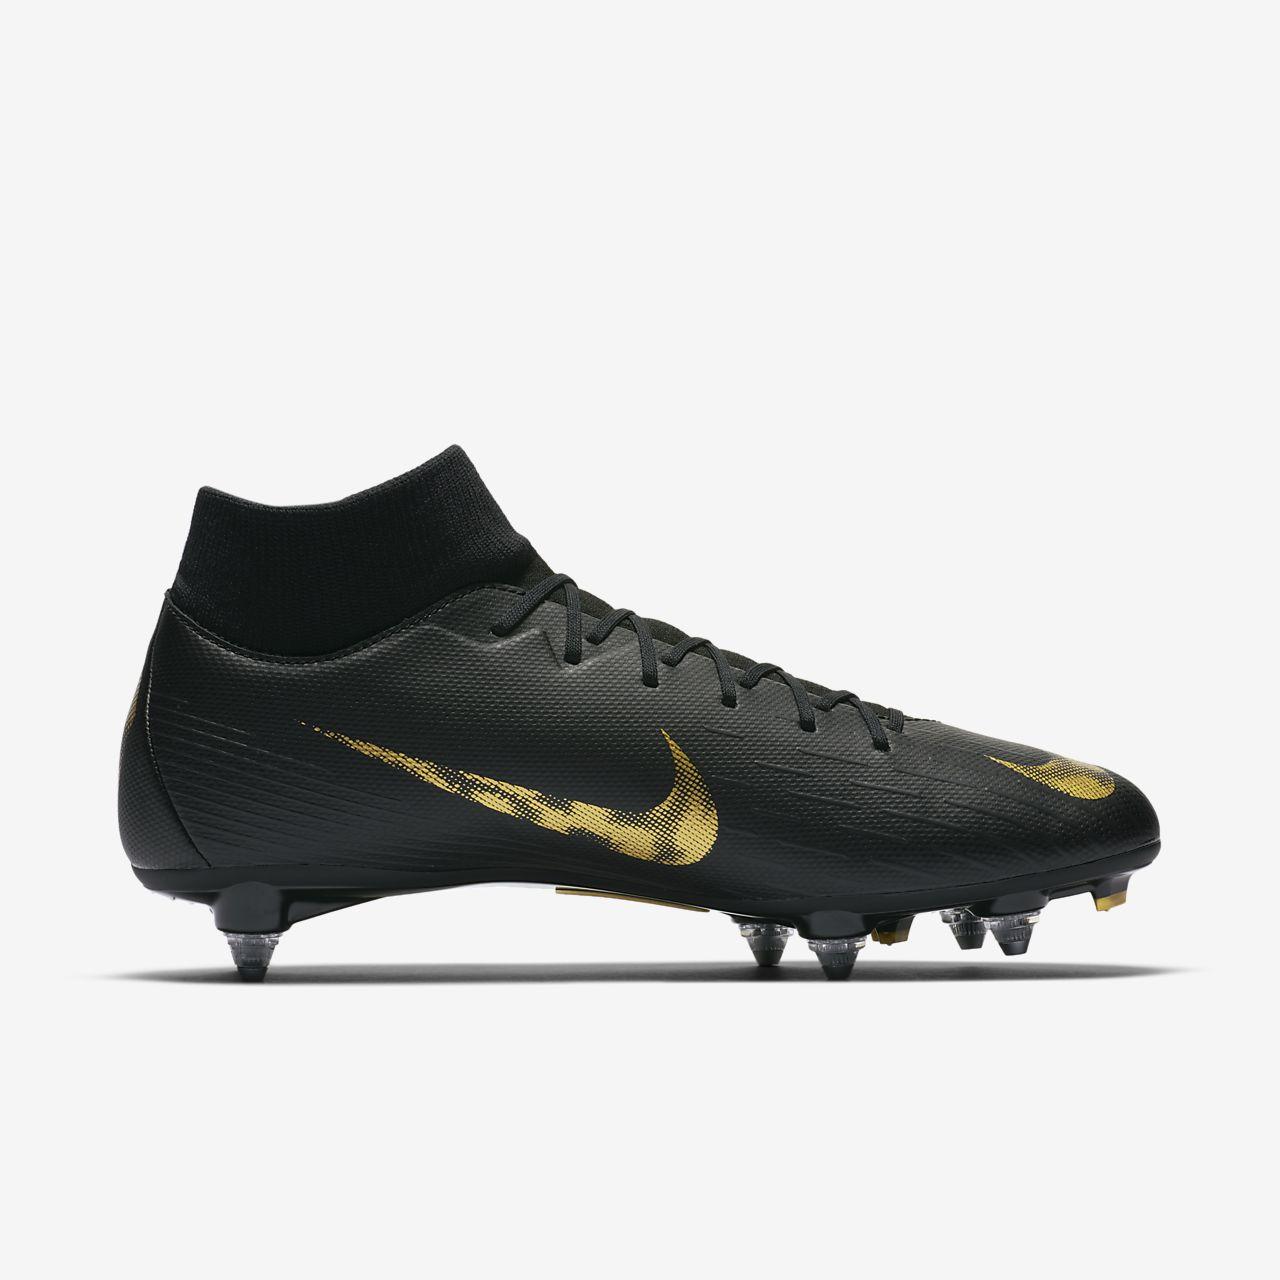 check out 29c12 a34b6 ... Fotbollssko för mjukt underlag Nike Mercurial Superfly VI Academy SG-PRO